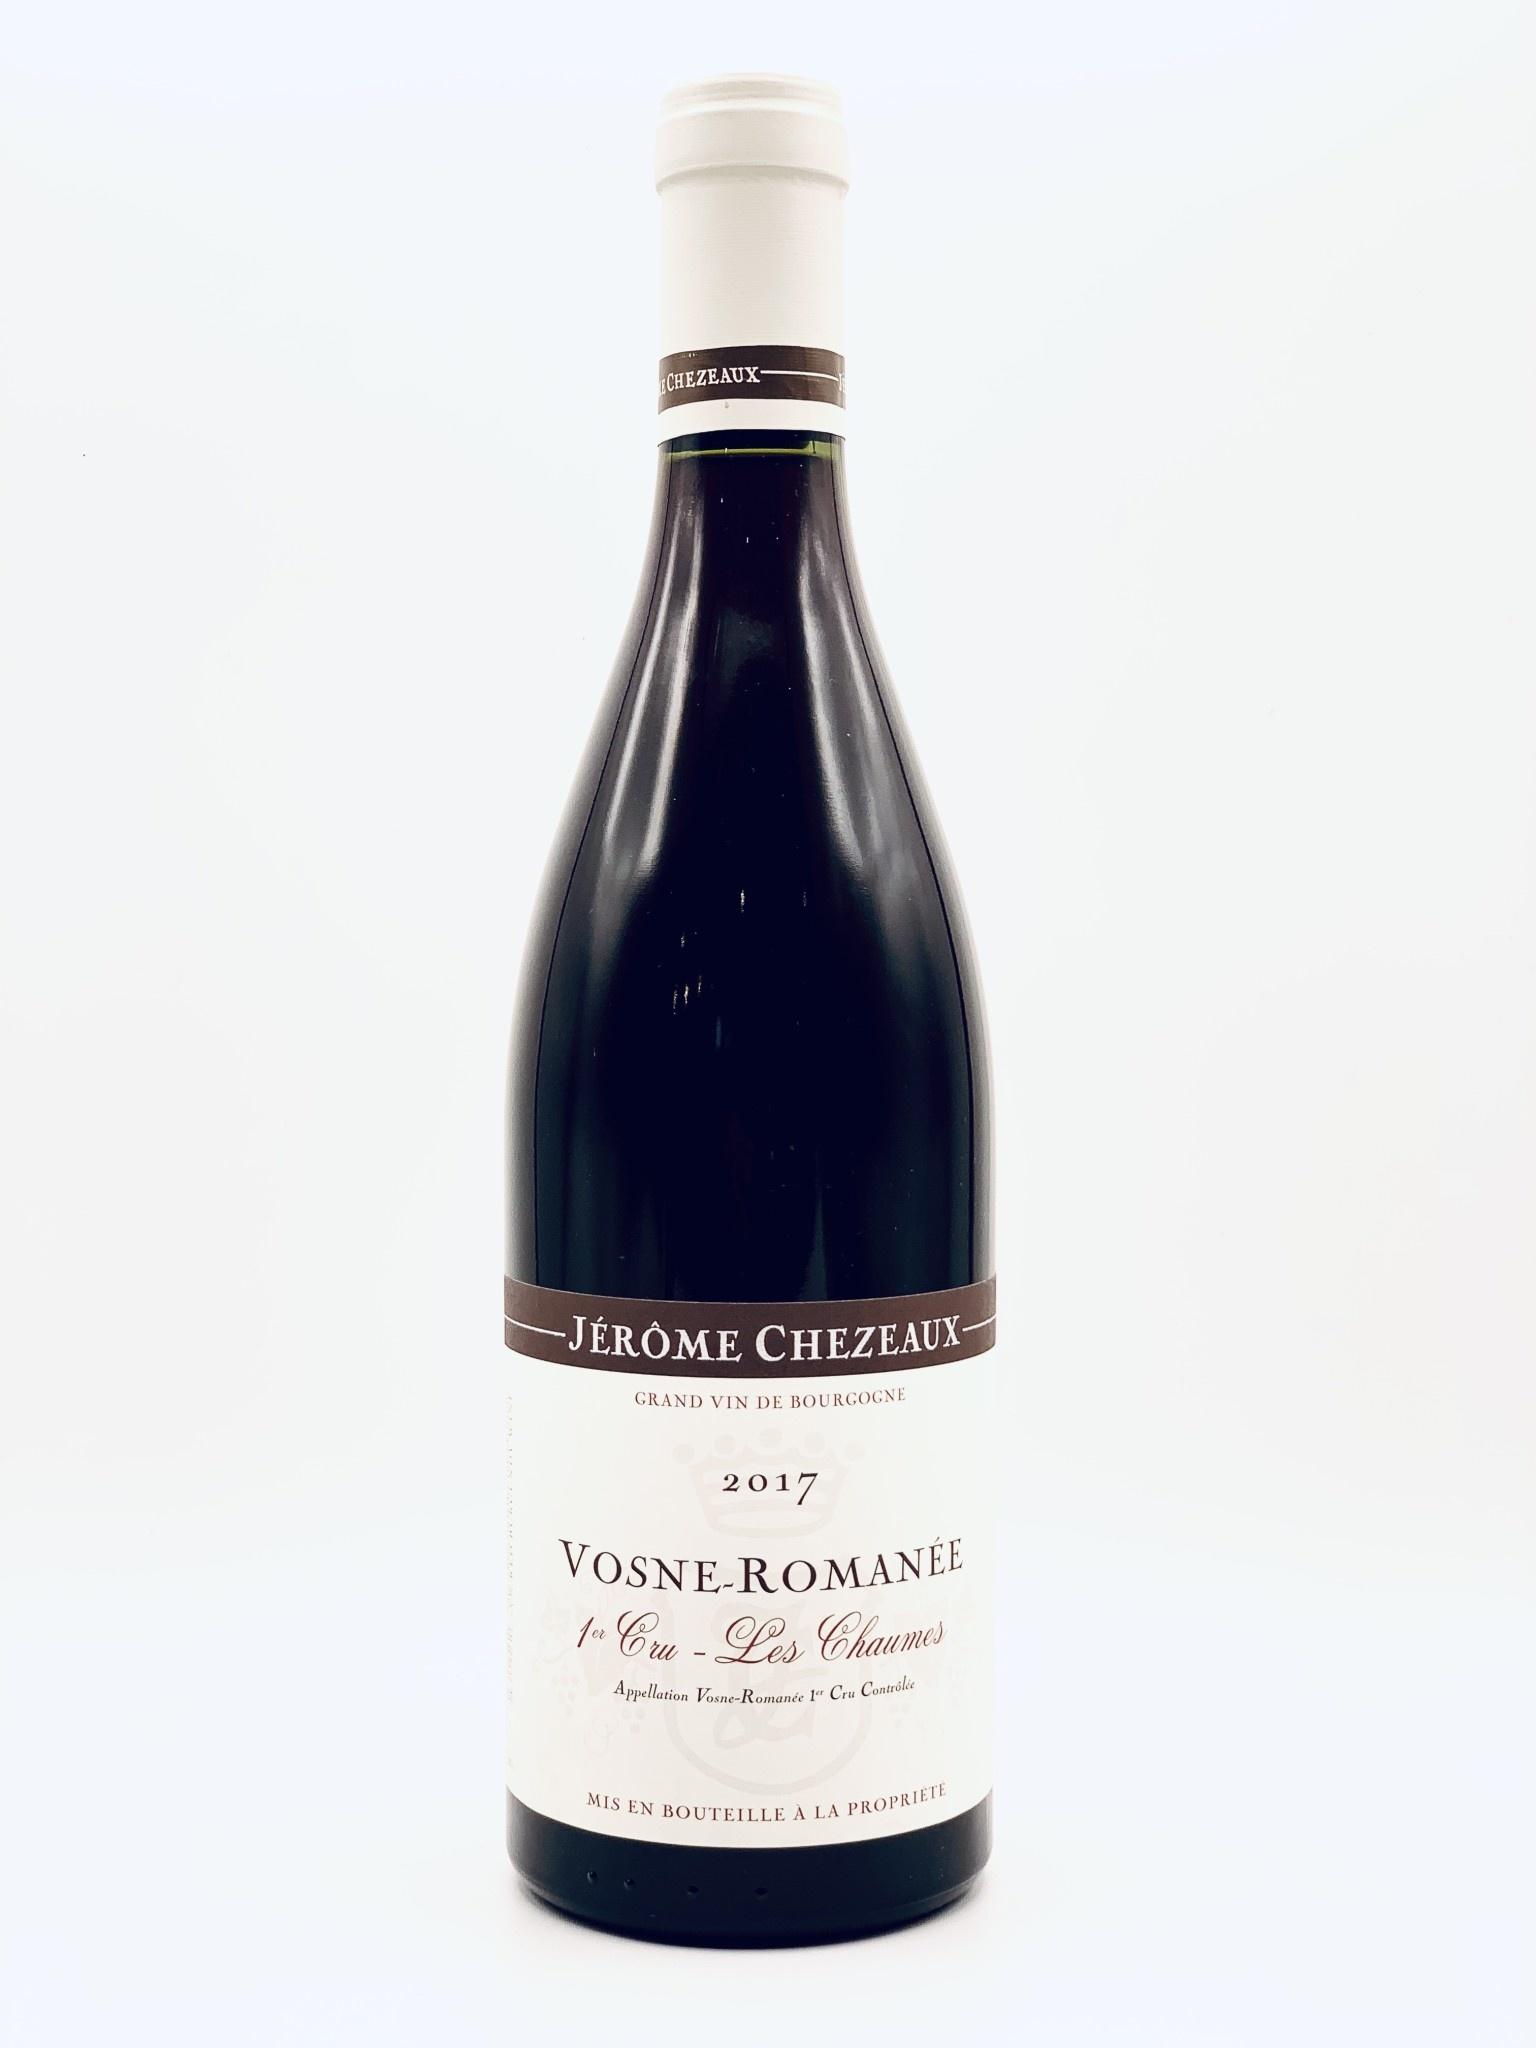 """Vosne-Romanee  """"Les Chaumes"""" 2015 Jerome Chezeaux 1er Cru  750ml"""